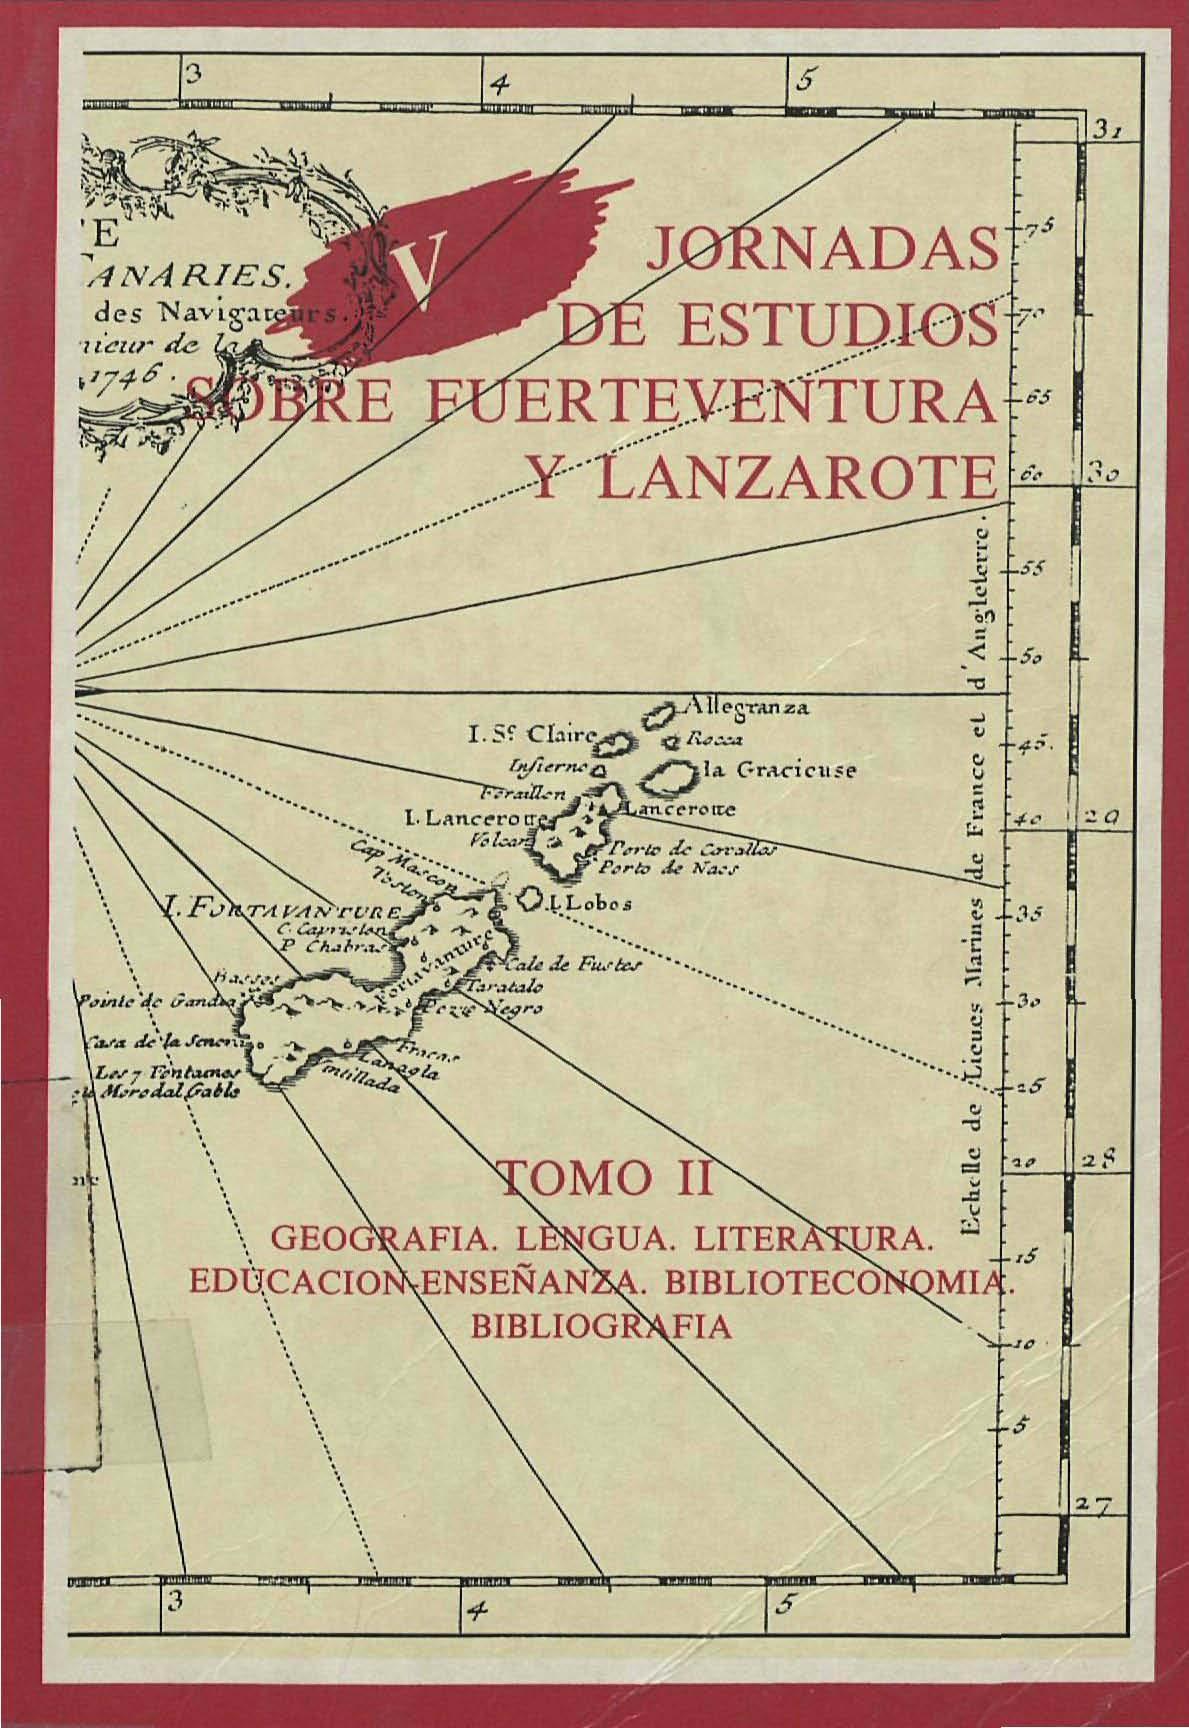 Aproximación al léxico de la borrachera en las Islas Canarias